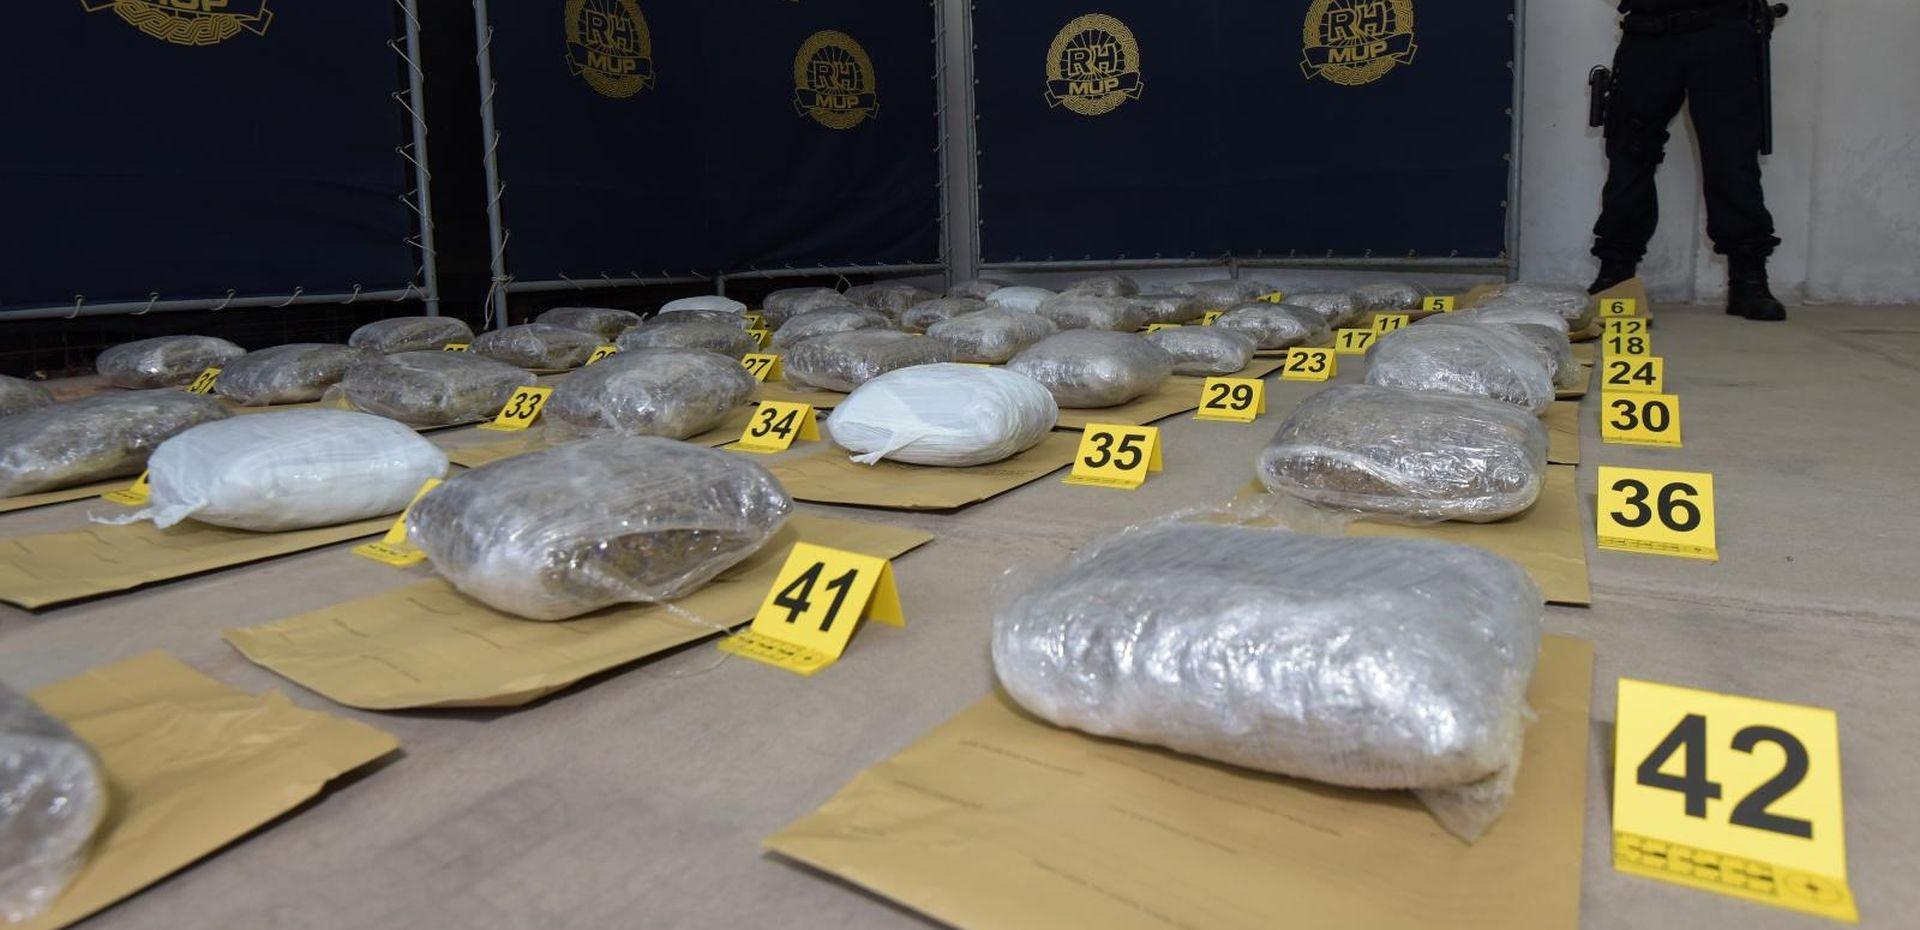 POVIJESNA ZAPLJENA Zadarska policija u automobilu pronašla 52 kile marihuane